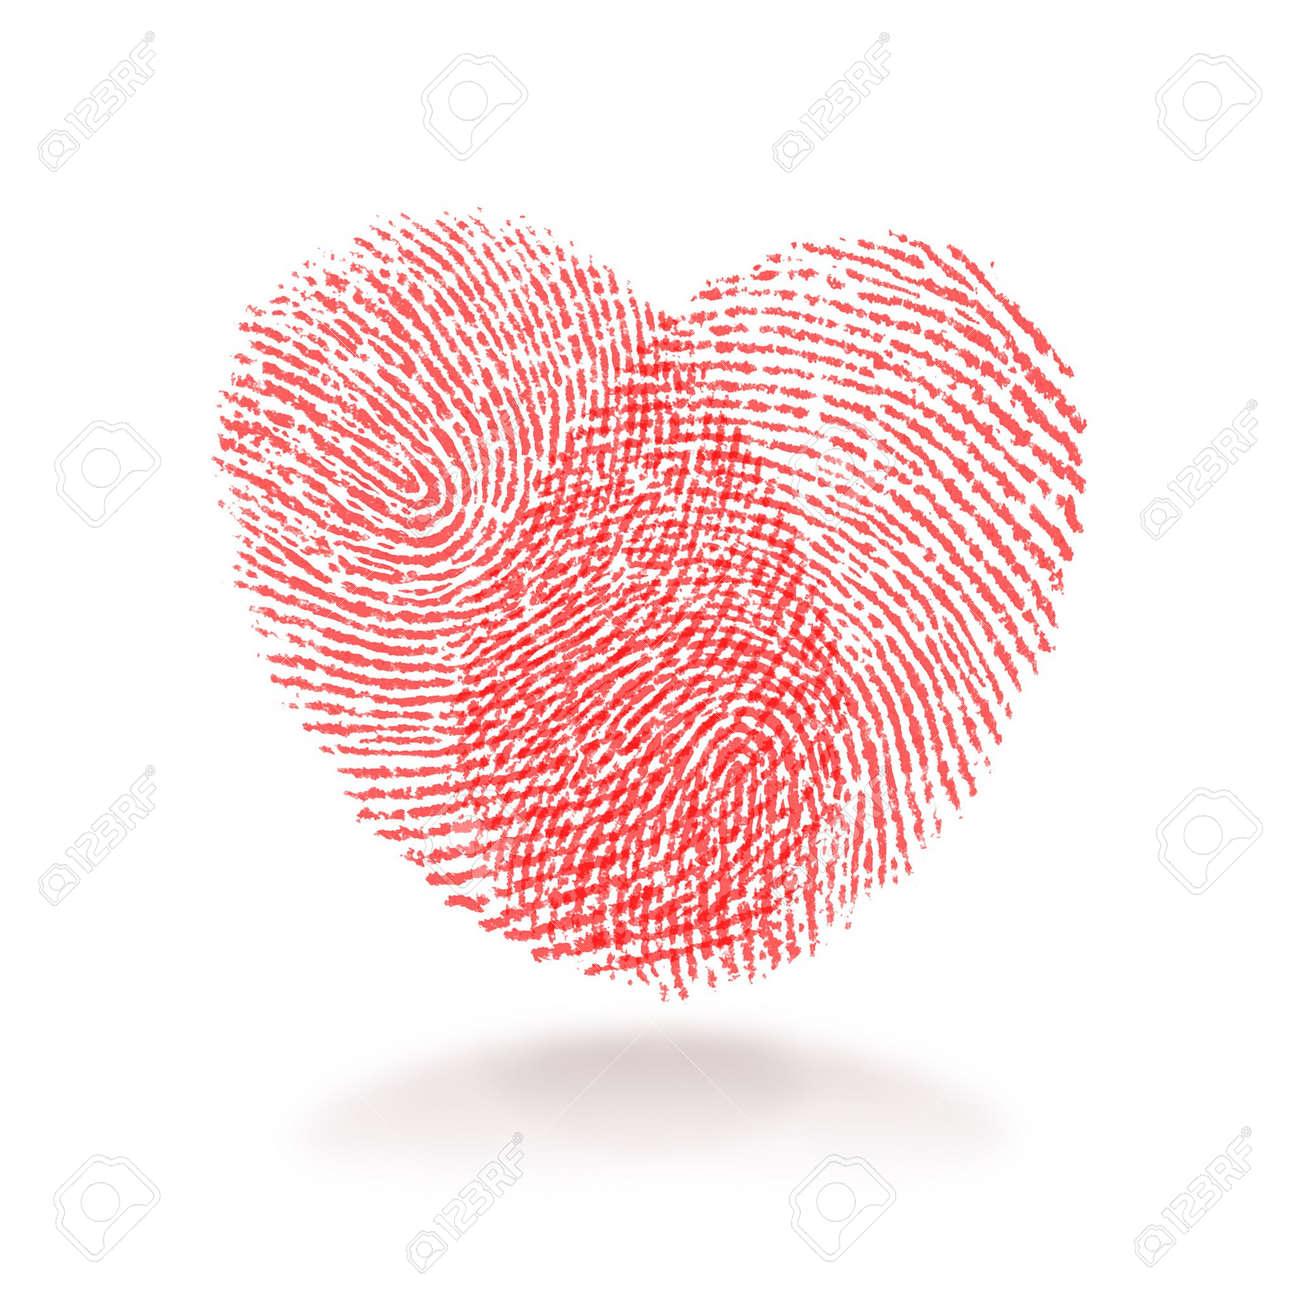 Red Fingerabdruck Herz Form Auf Weissem Hintergrund Lizenzfreie Fotos